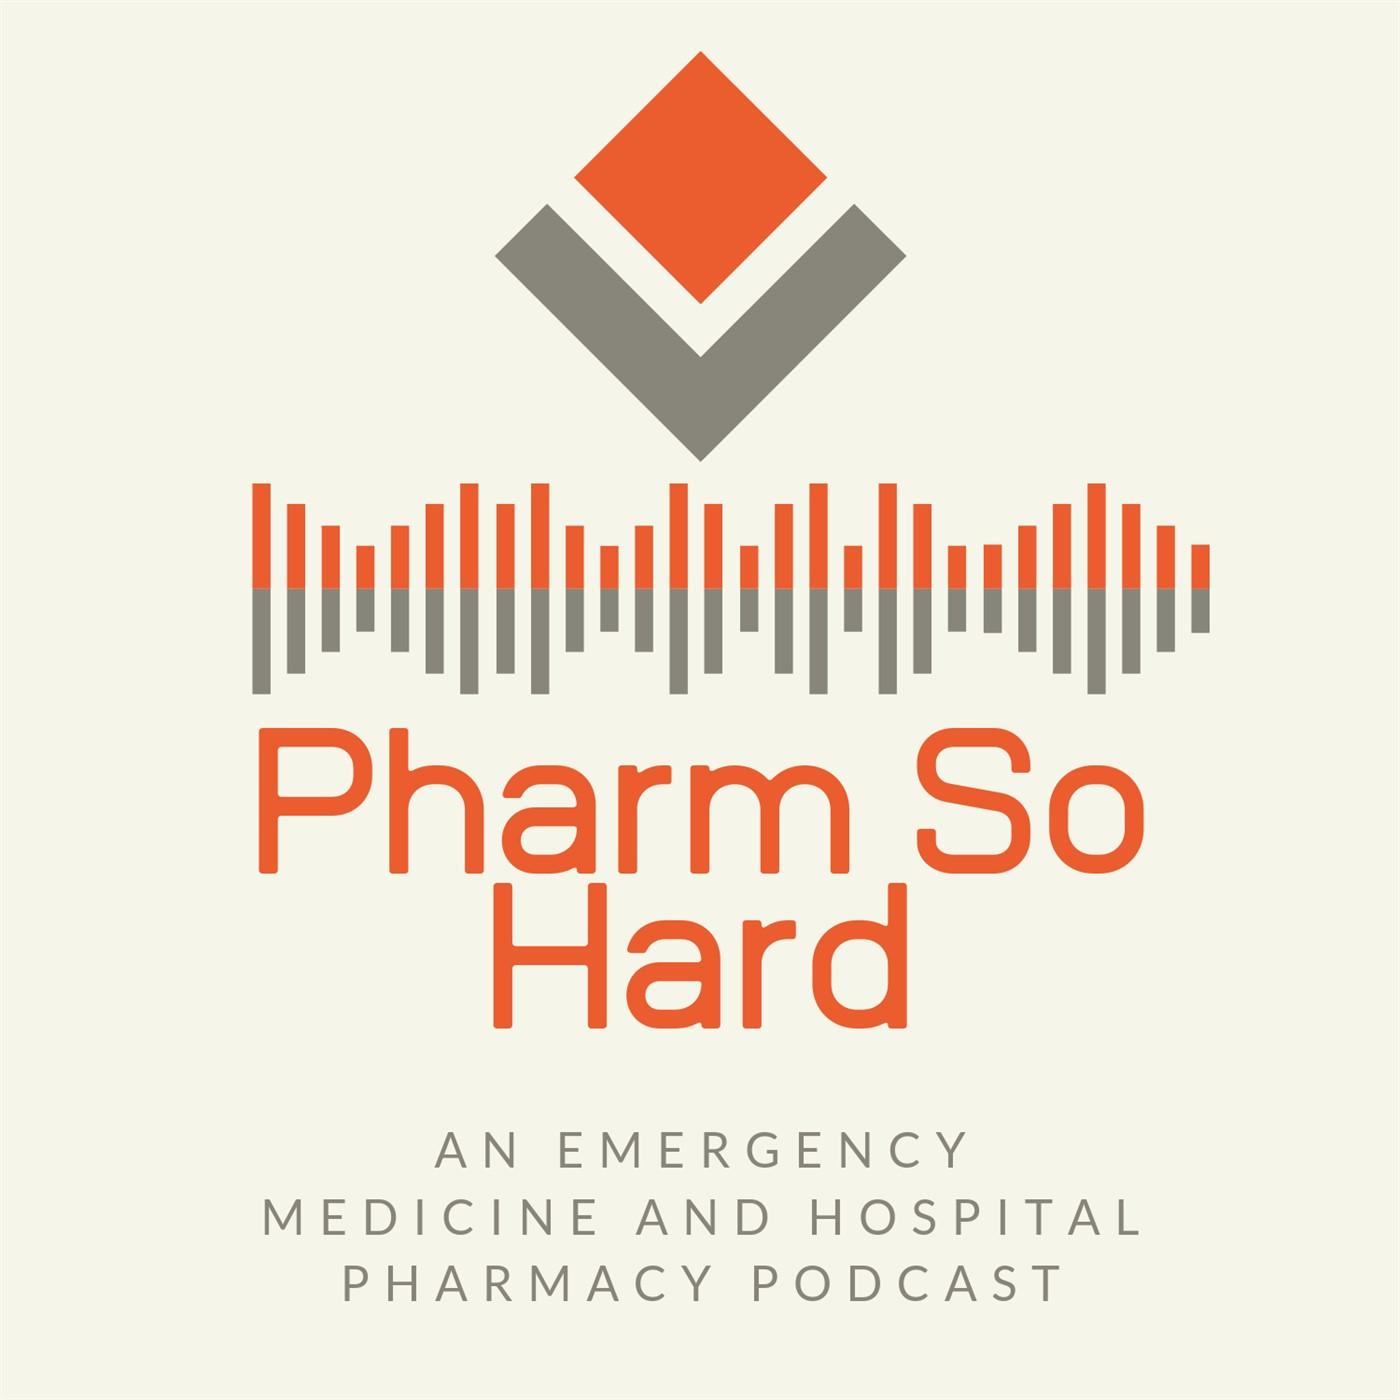 The Pharm So Hard Podcast: An Emergency Medicine and Hospital Pharmacy Podcast